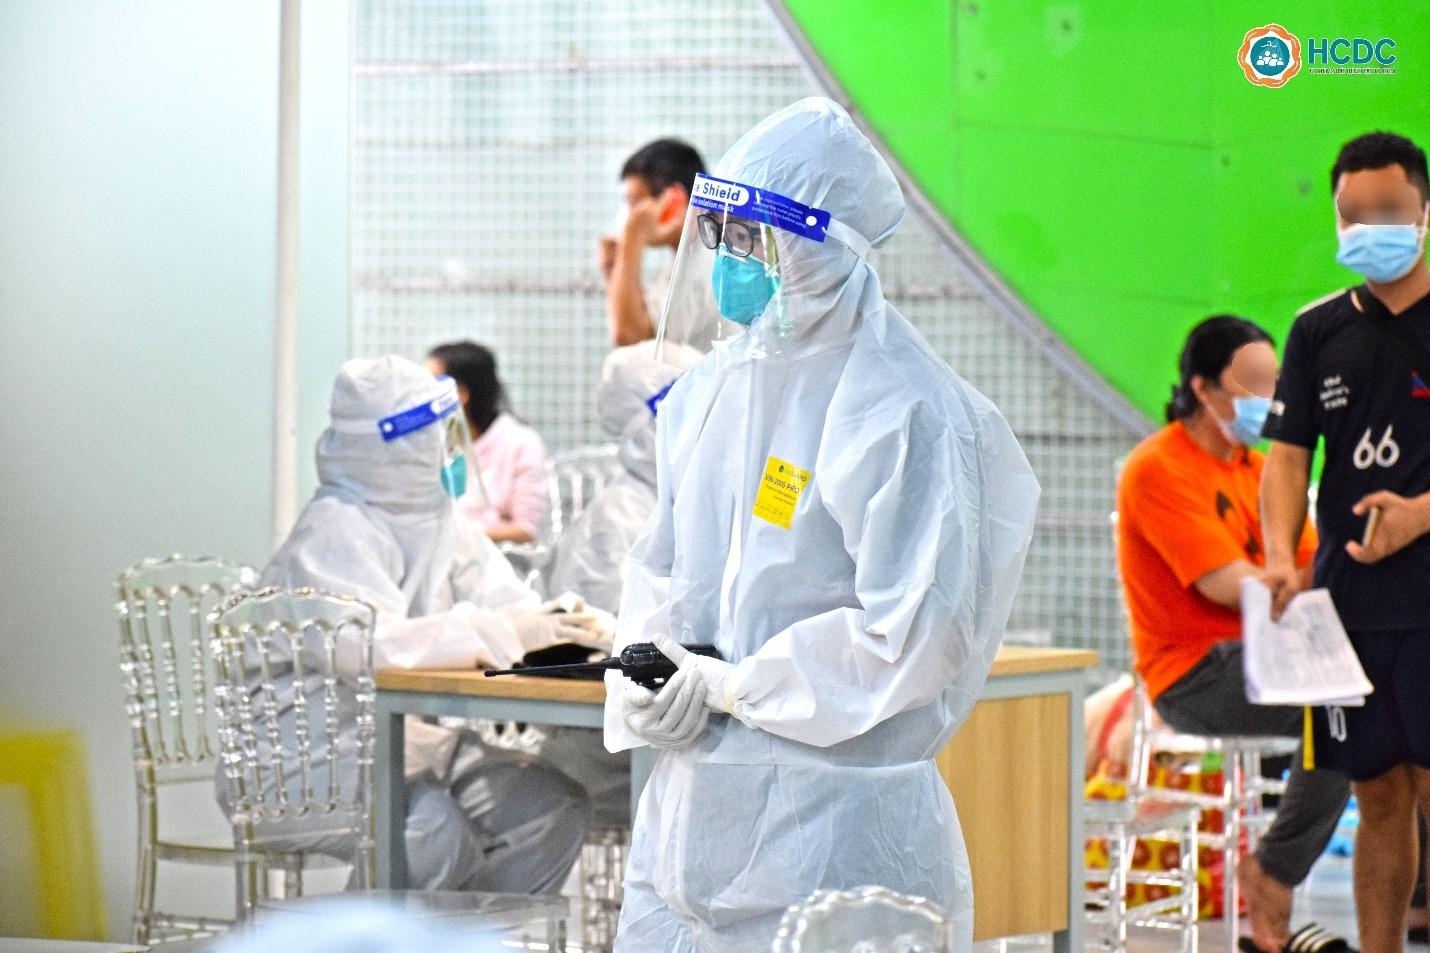 Nhân viên y tế được trang bị bộ đàm để sắp xếp, điều phối phòng cho bệnh nhân. Ảnh: HCDC